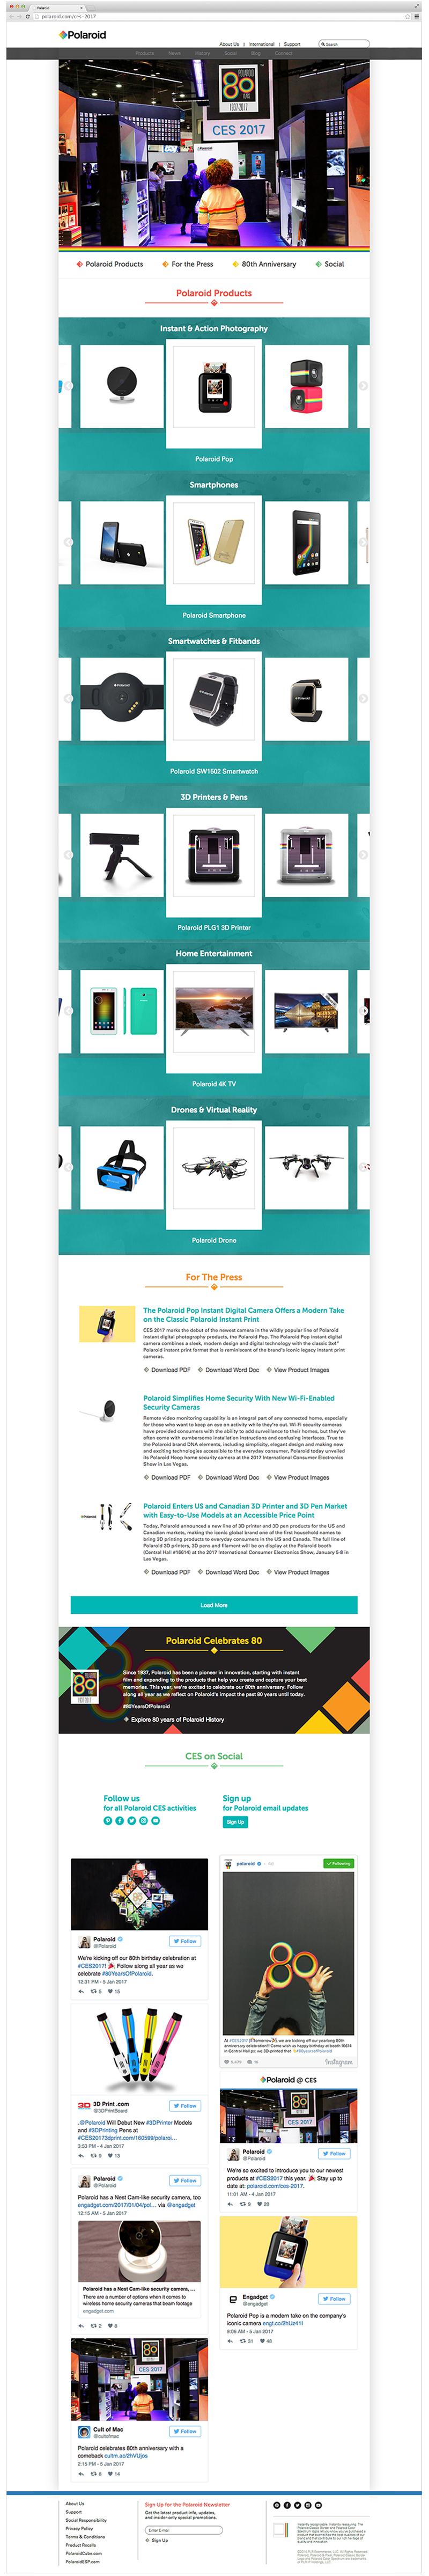 CES 2017 landing page screenshot